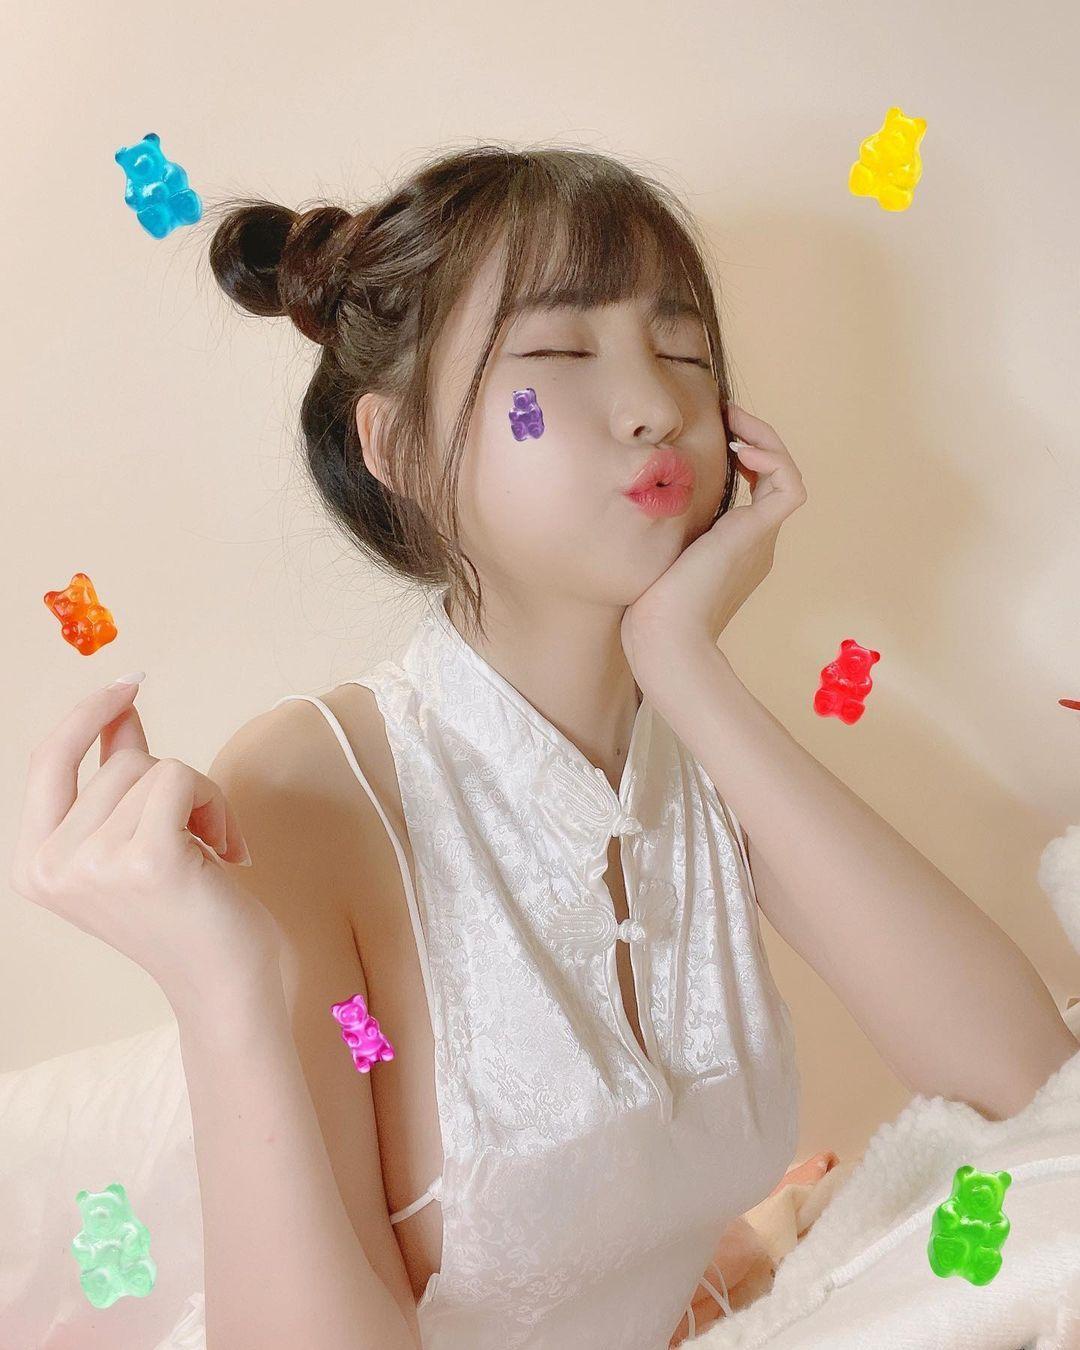 清新可爱的软萌系正妹赵兔兔性感旗袍小露 明星资料 热图7